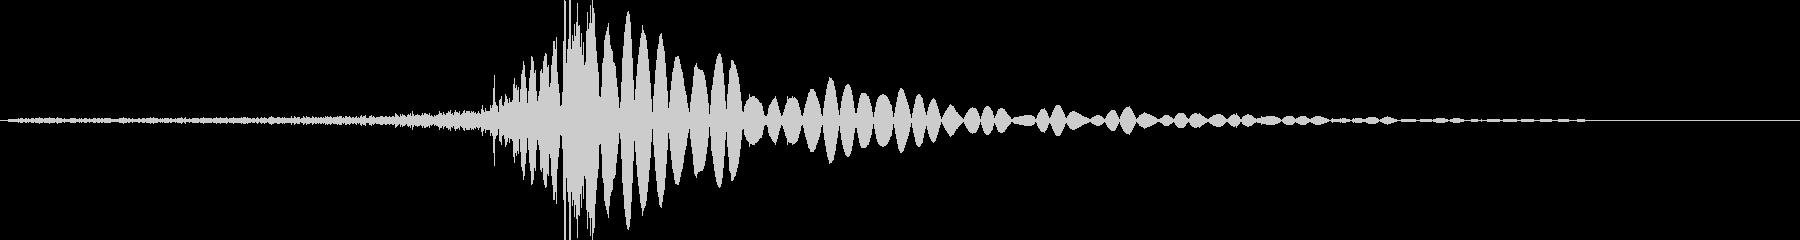 矢が迫って来て刺さる音の未再生の波形